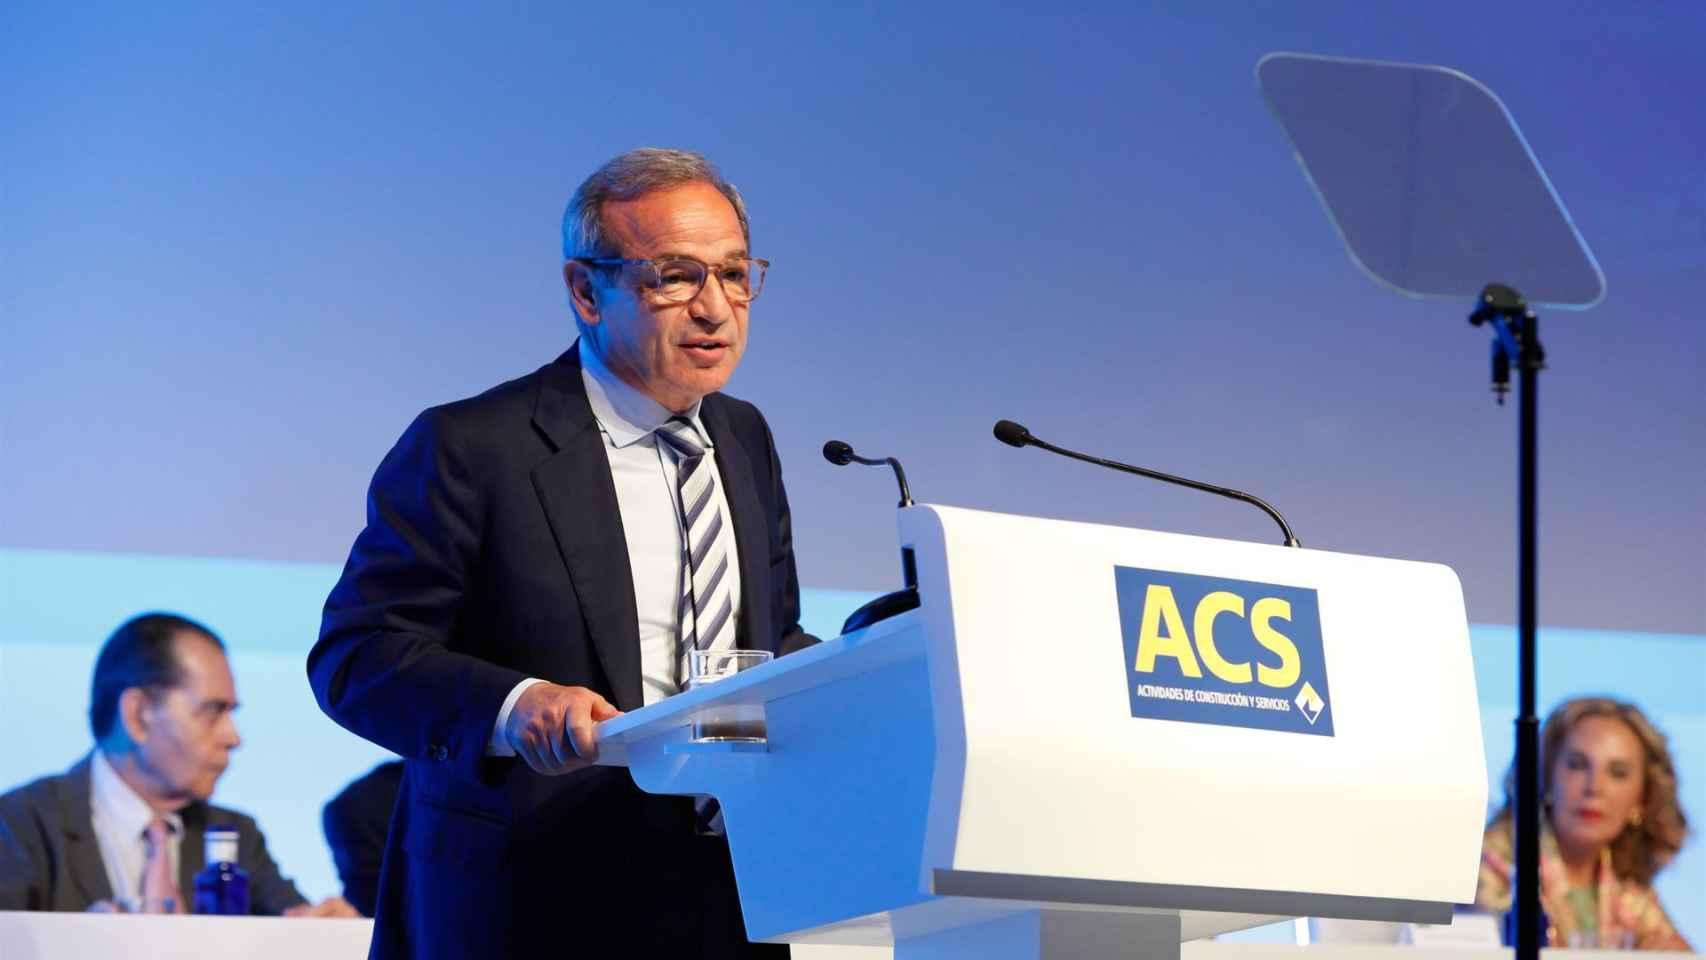 El consejero delegado de ACS, Marcelino Fernández Verdes.